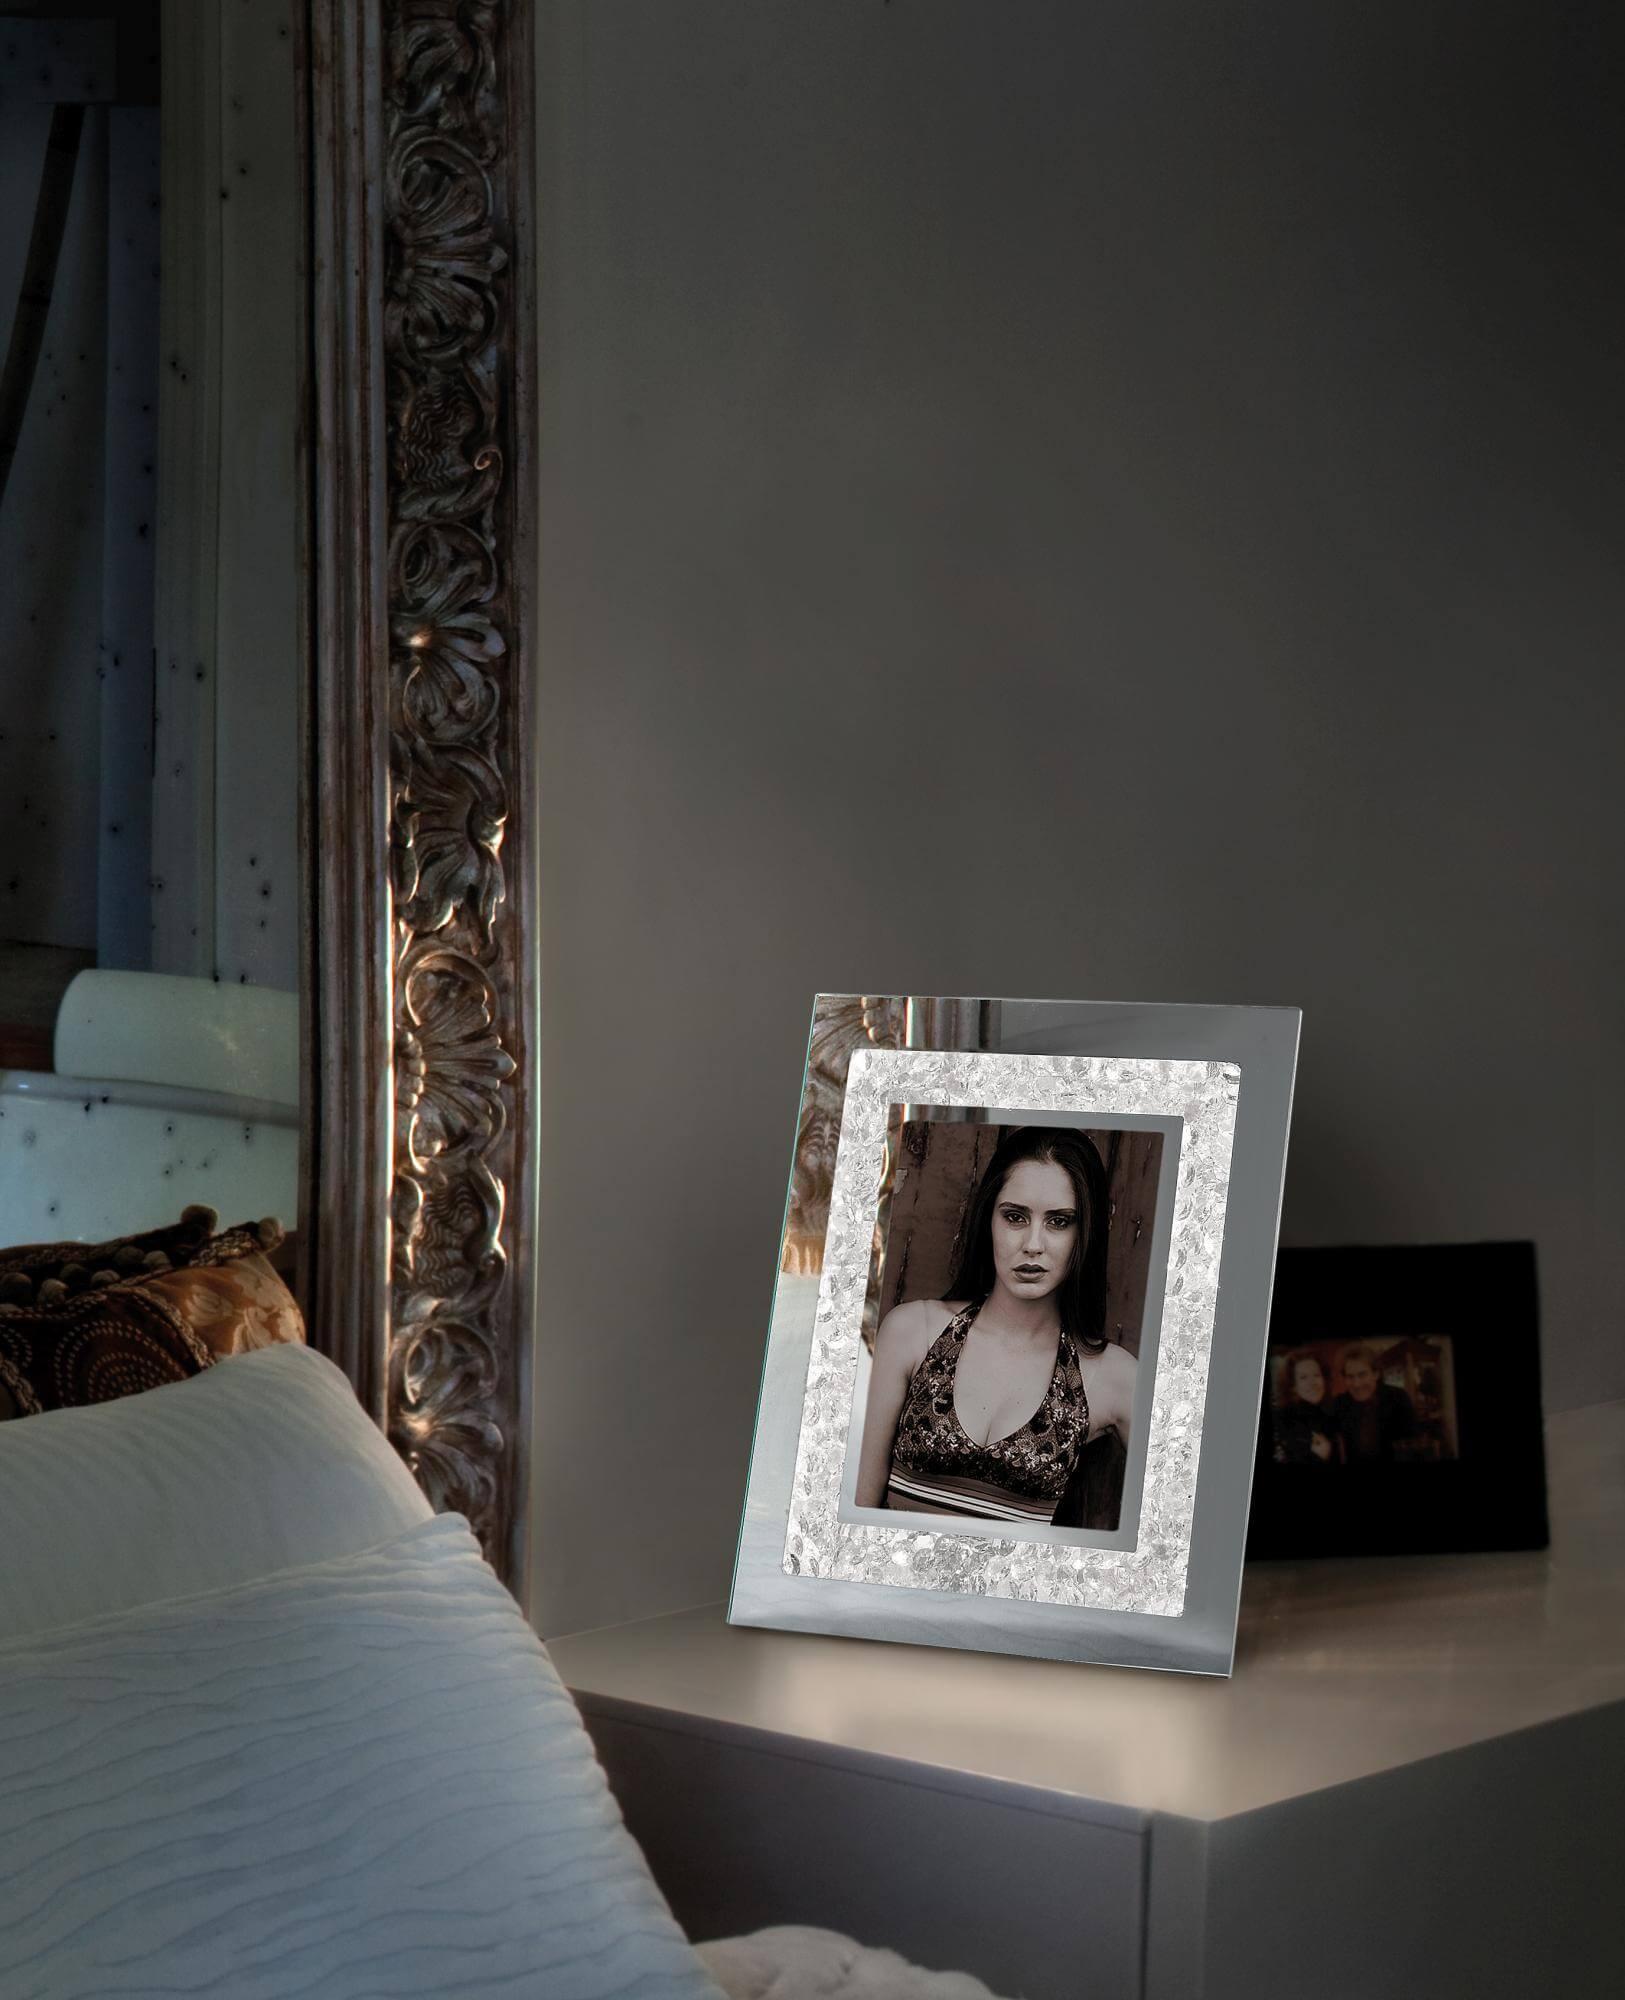 narciso ed 1063 30 tischspiegel von sil lux tischleuchten innenleuchten platinlux der. Black Bedroom Furniture Sets. Home Design Ideas